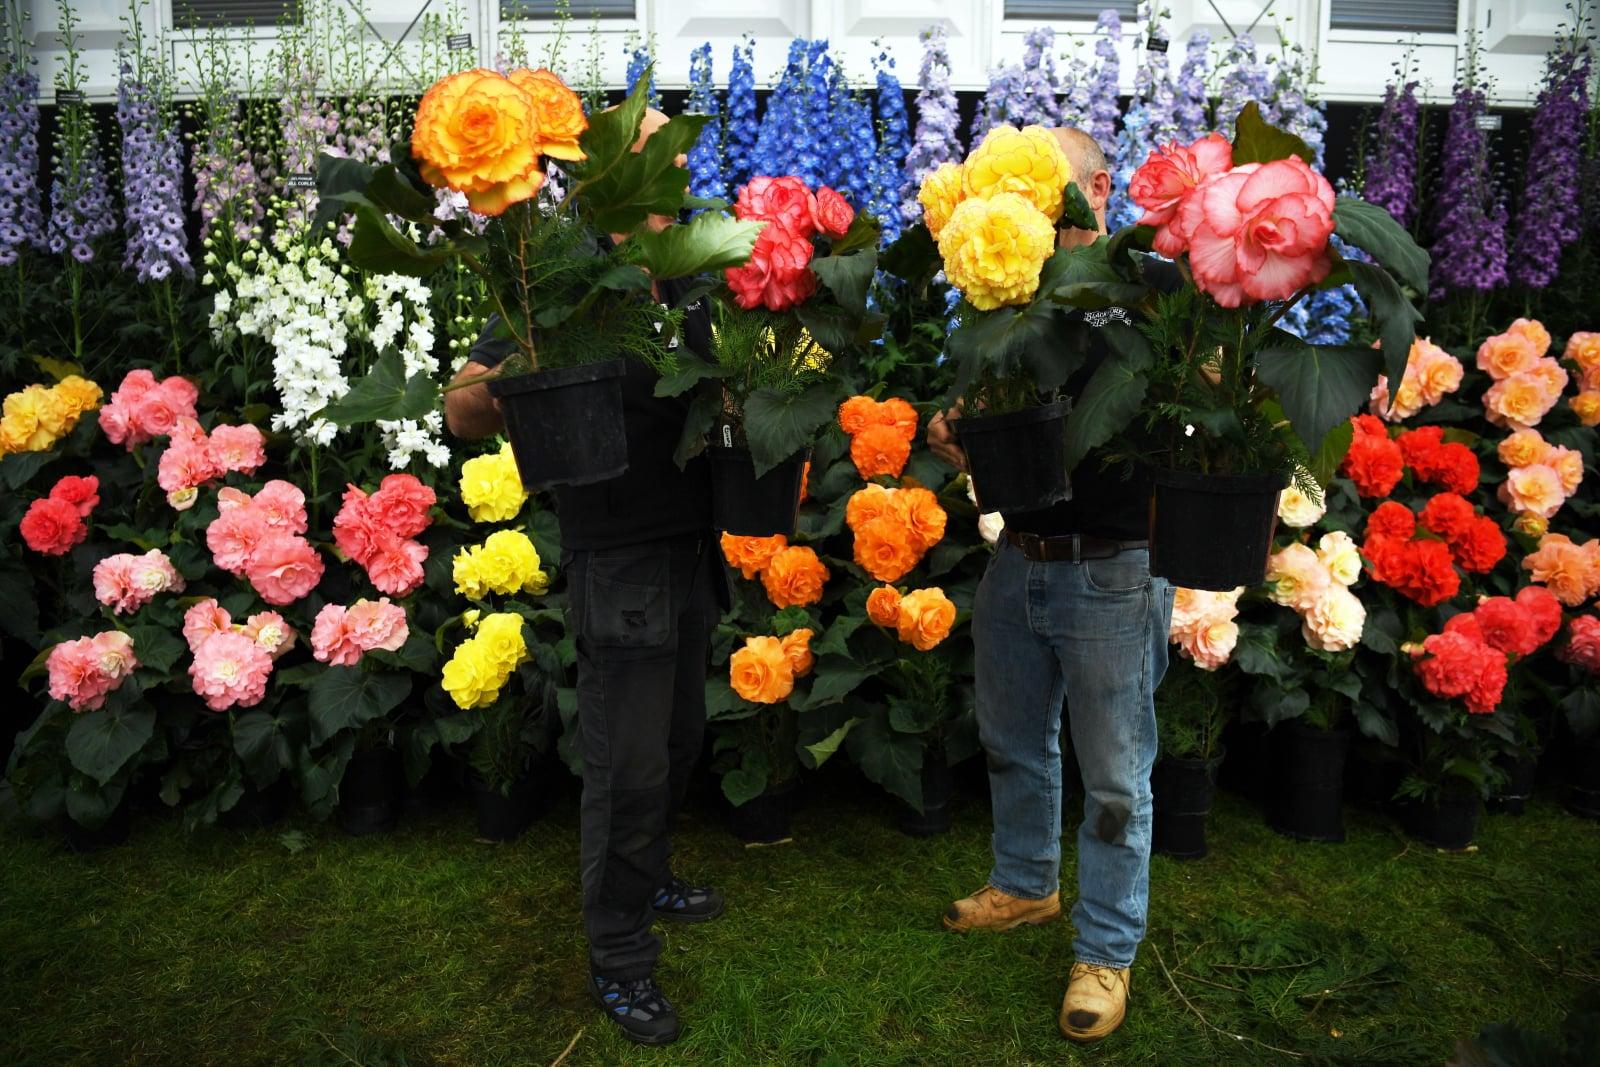 Przygotowania do wystawy ogrodowej Chelsea Flower Show w Londynie, Wielka Brytania, fot. EPA/NEIL